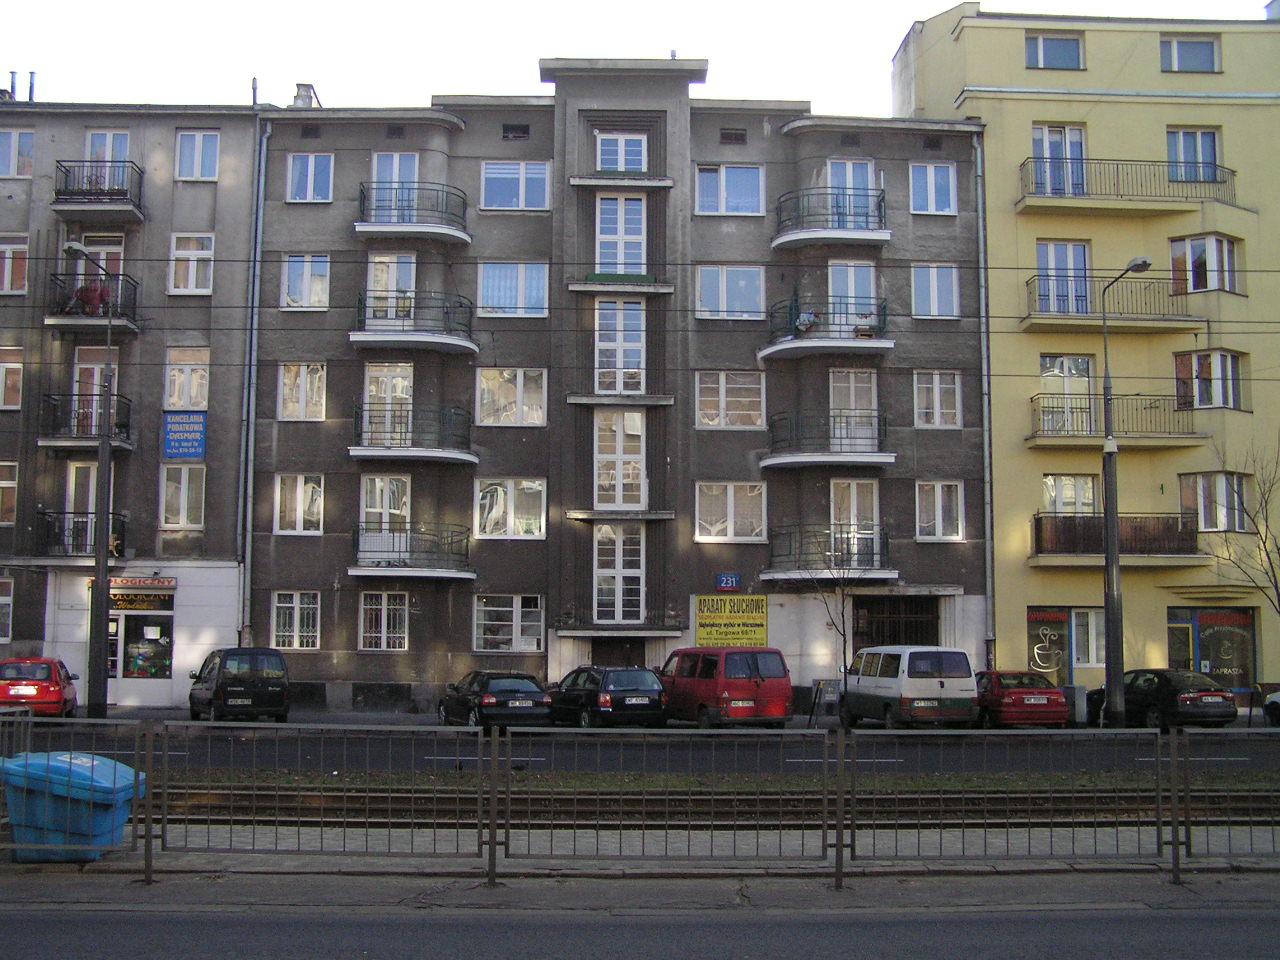 Zabytkowa kamienica przy Grochowskiej 231 na Grochowie